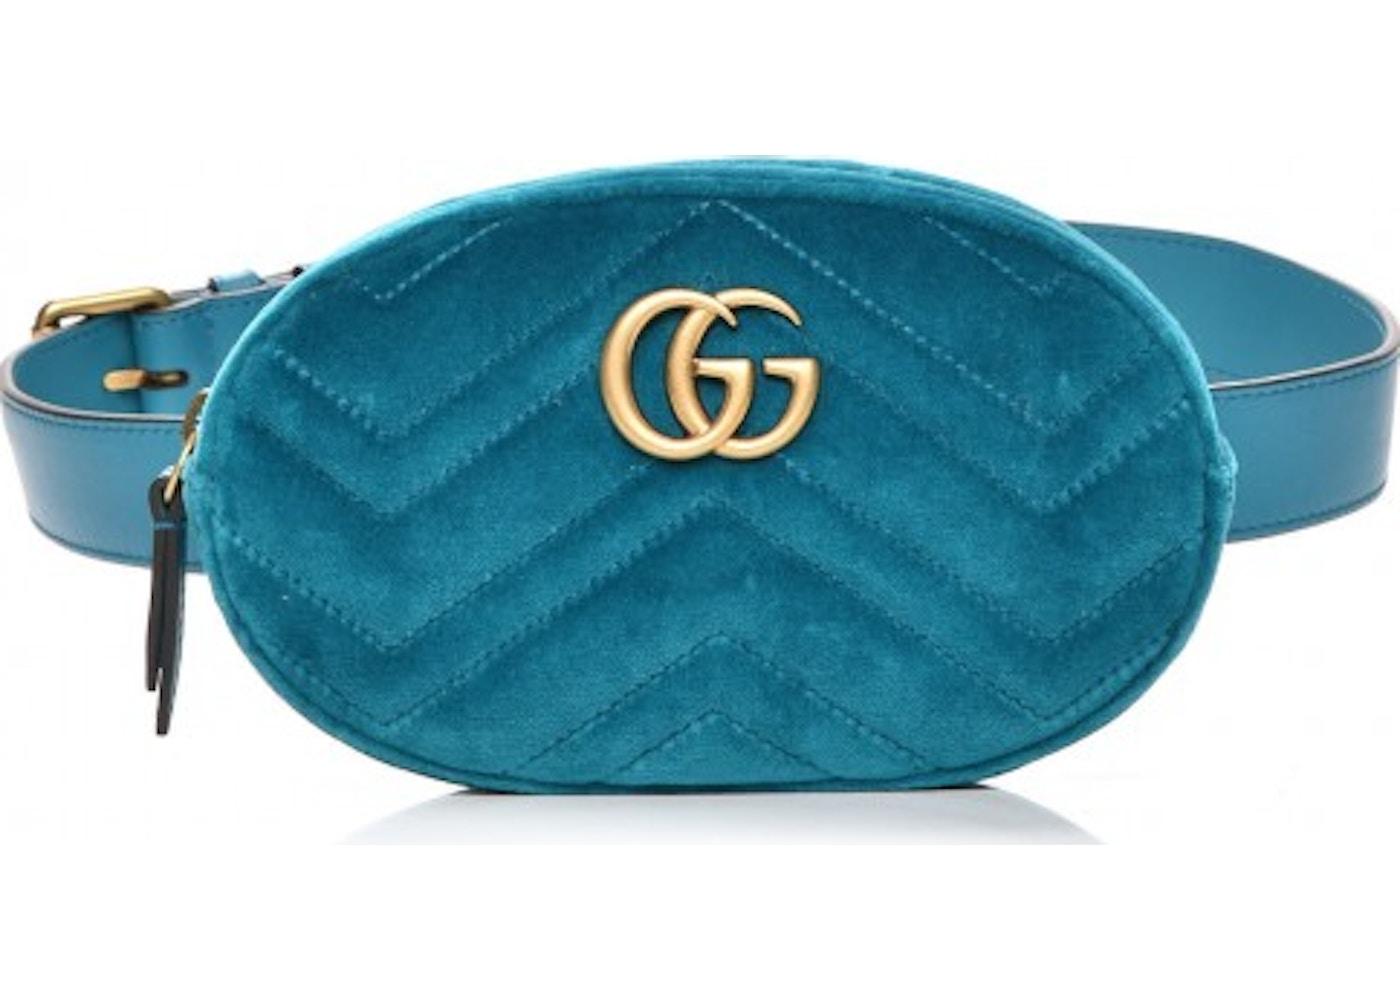 64f9064b1ea9 Gucci Marmont Belt Bag Matelasse 85 Blue. Matelasse 85 Blue